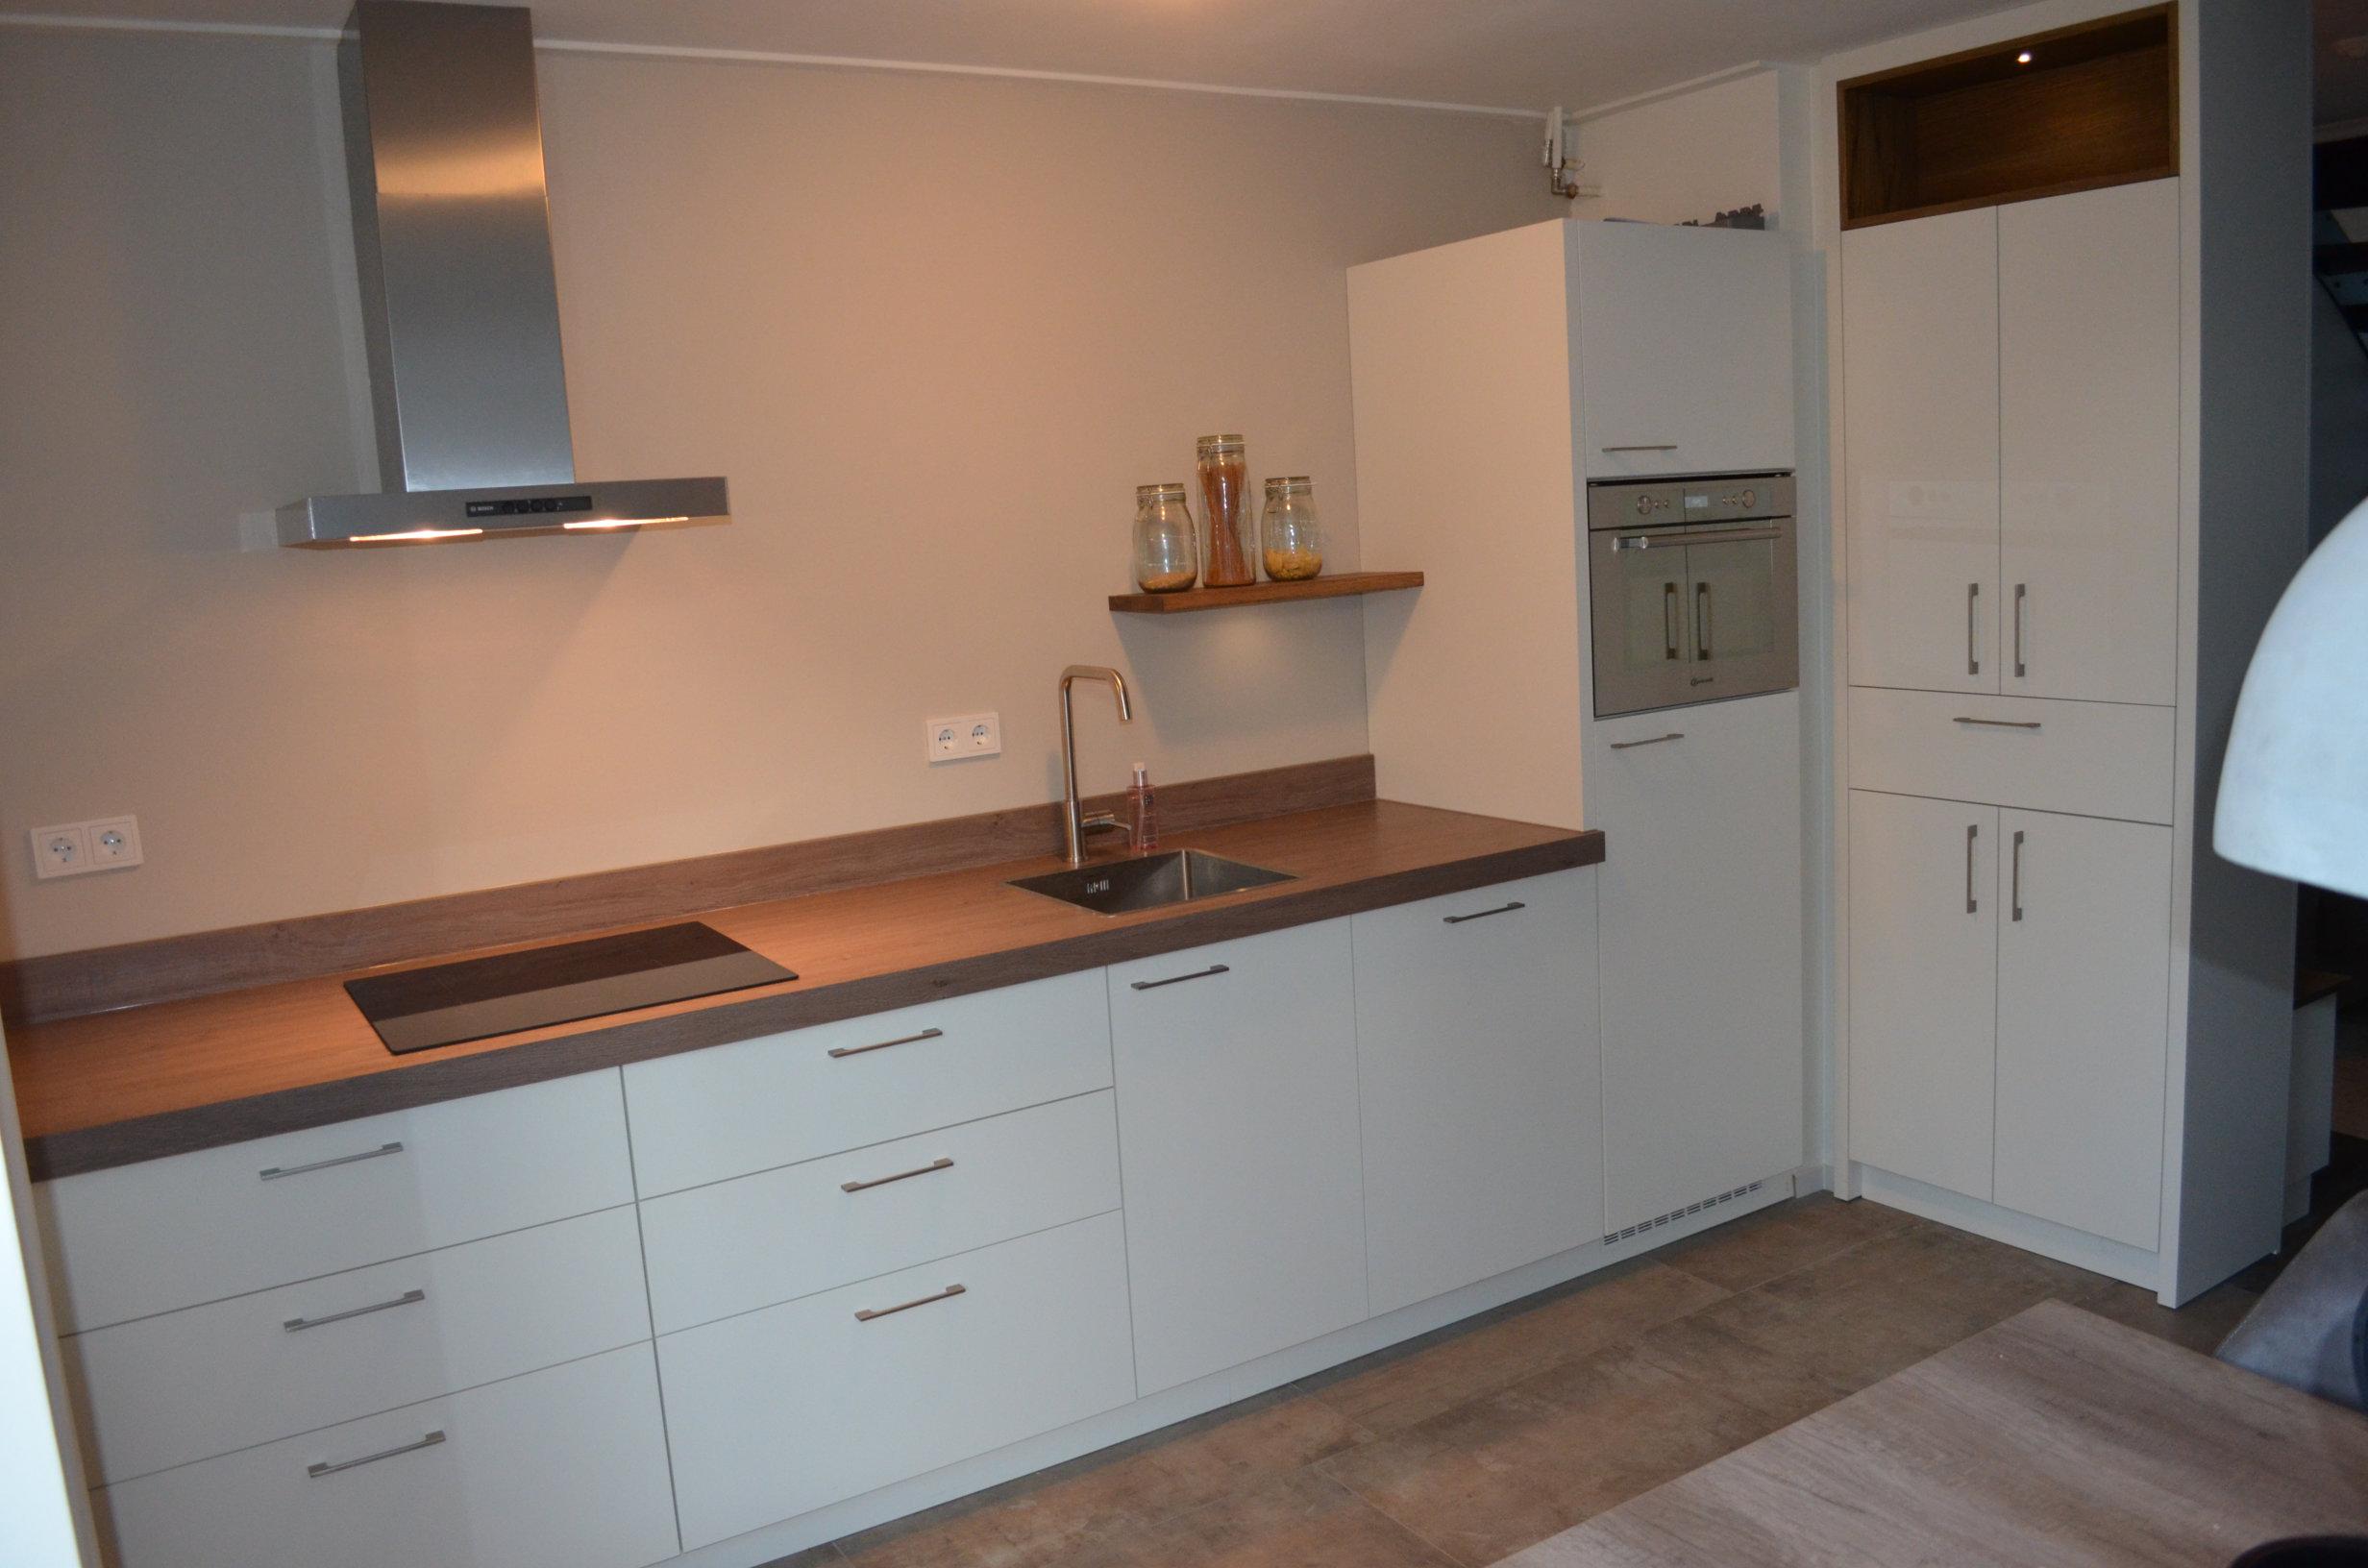 Keuken derksen – Herald Luiten Interieur